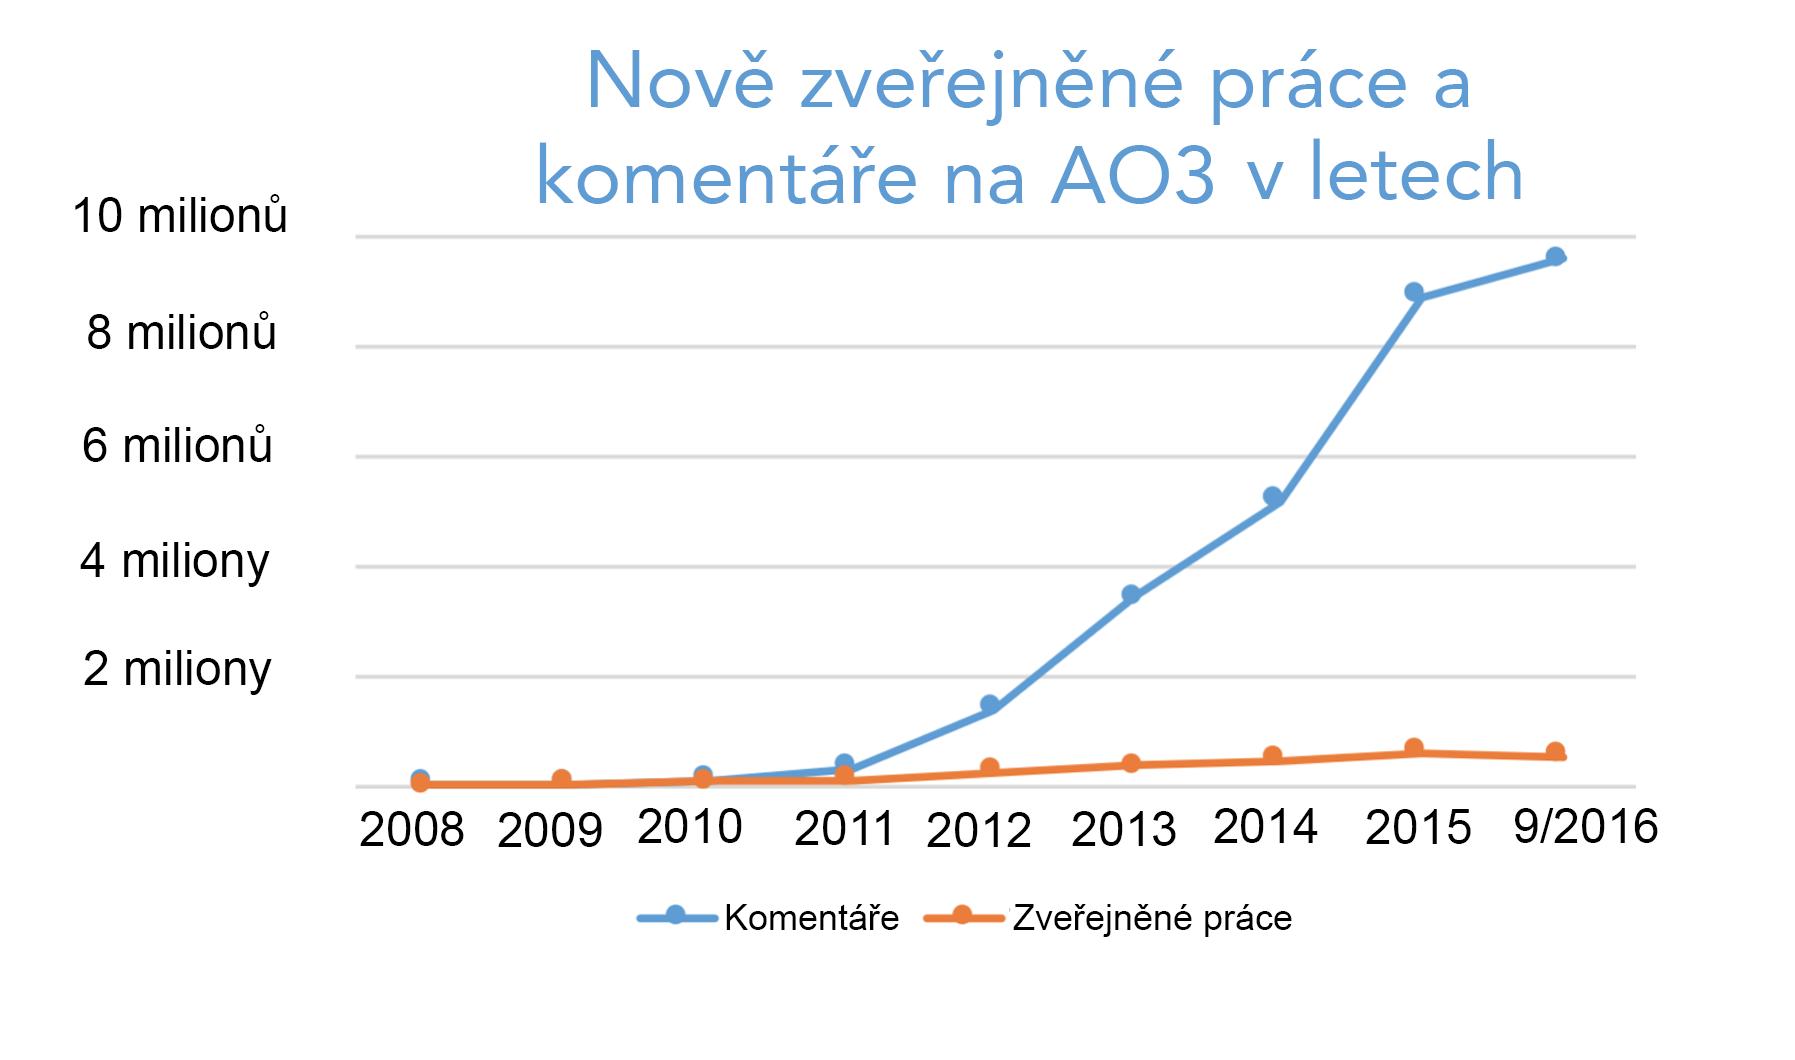 Graf s nárůstem prací a komentářů na AO3 každý rok od nuly v roce 2008 až po více než 500 000 prací a 9,5 milionů komentářů jen v letošním roce.